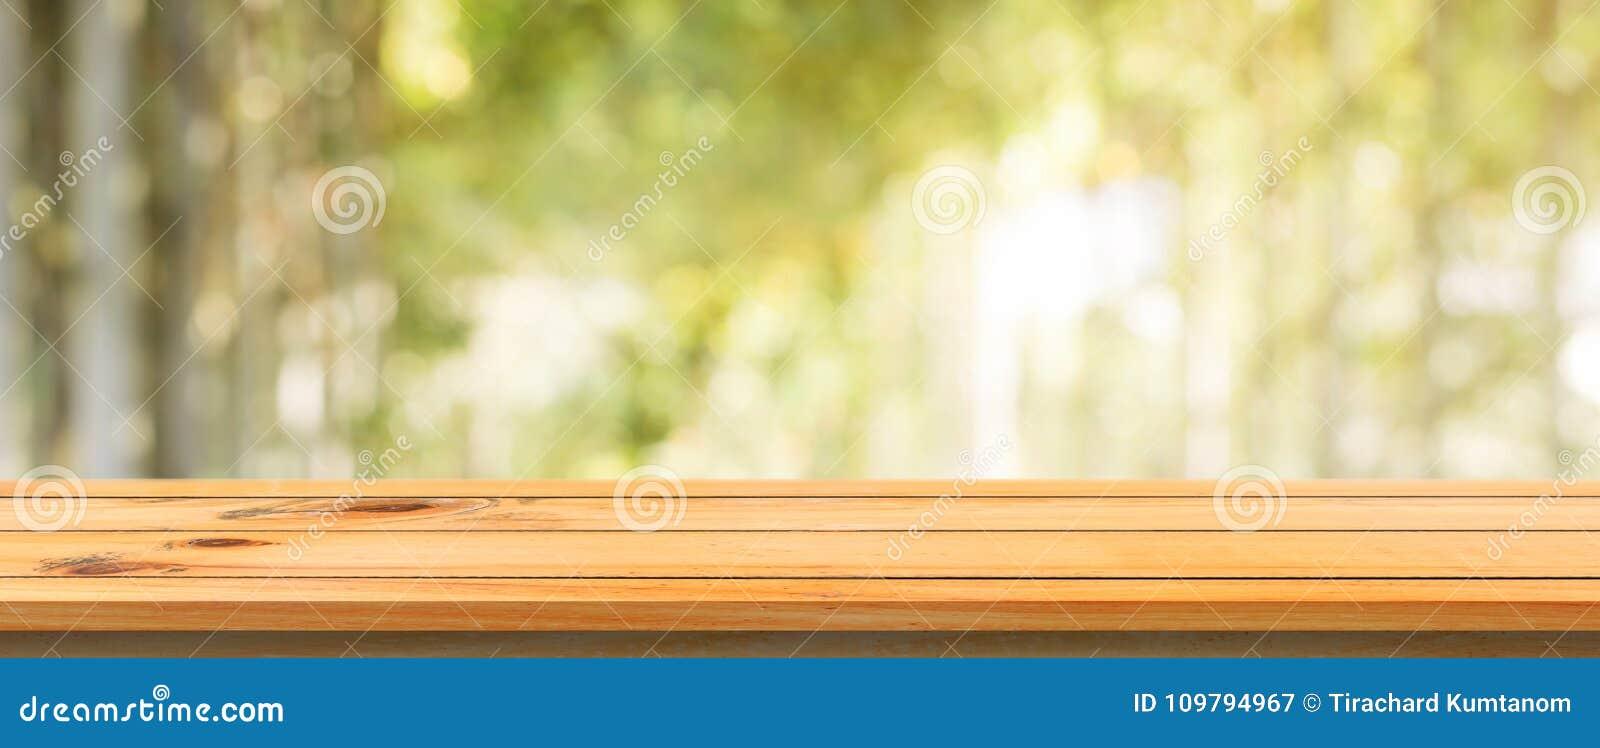 Предпосылка деревянной доски пустой запачканная таблицей Таблица перспективы коричневая деревянная над предпосылкой леса деревьев